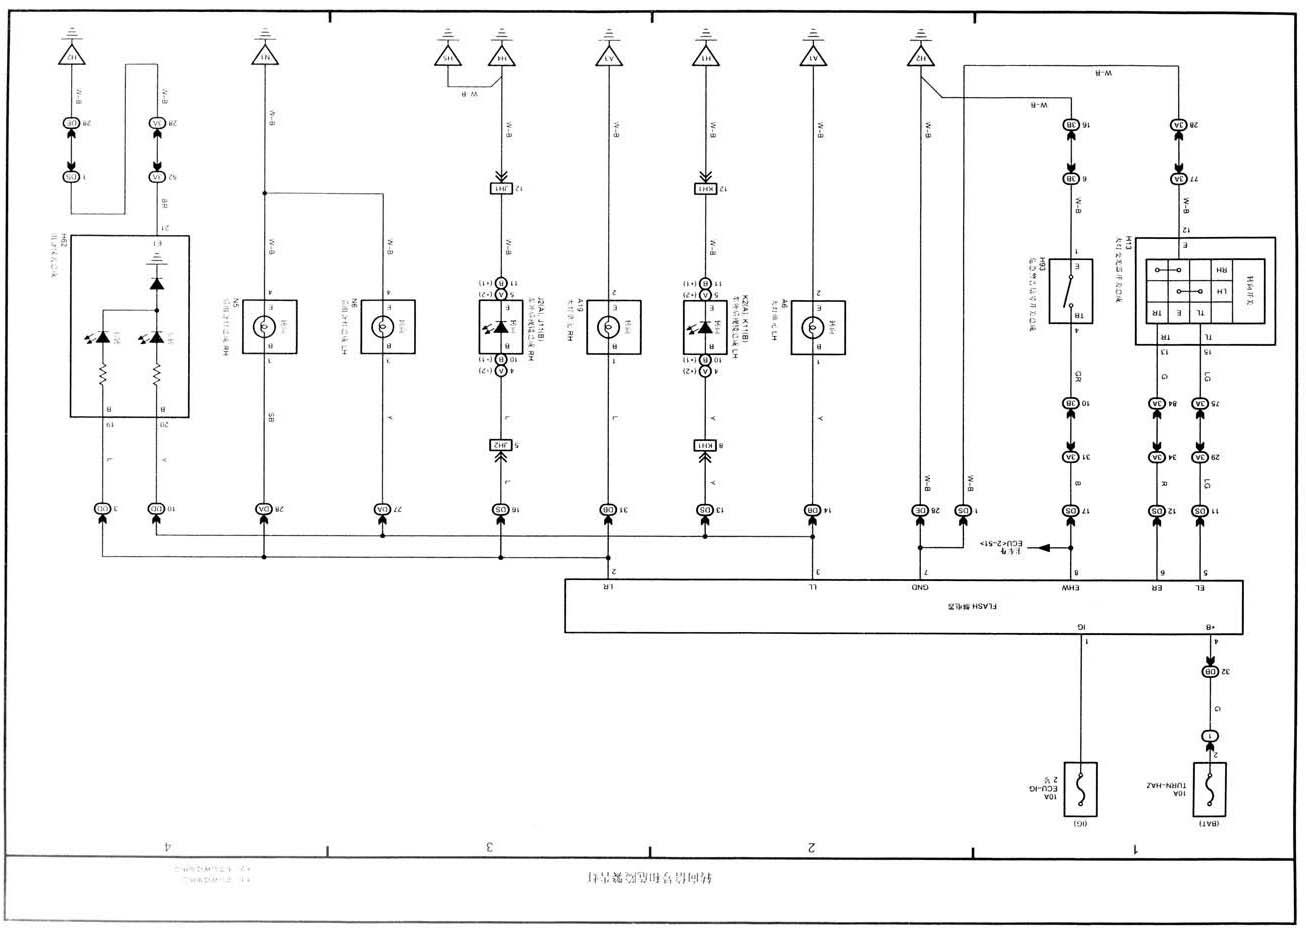 灯光系统电路图